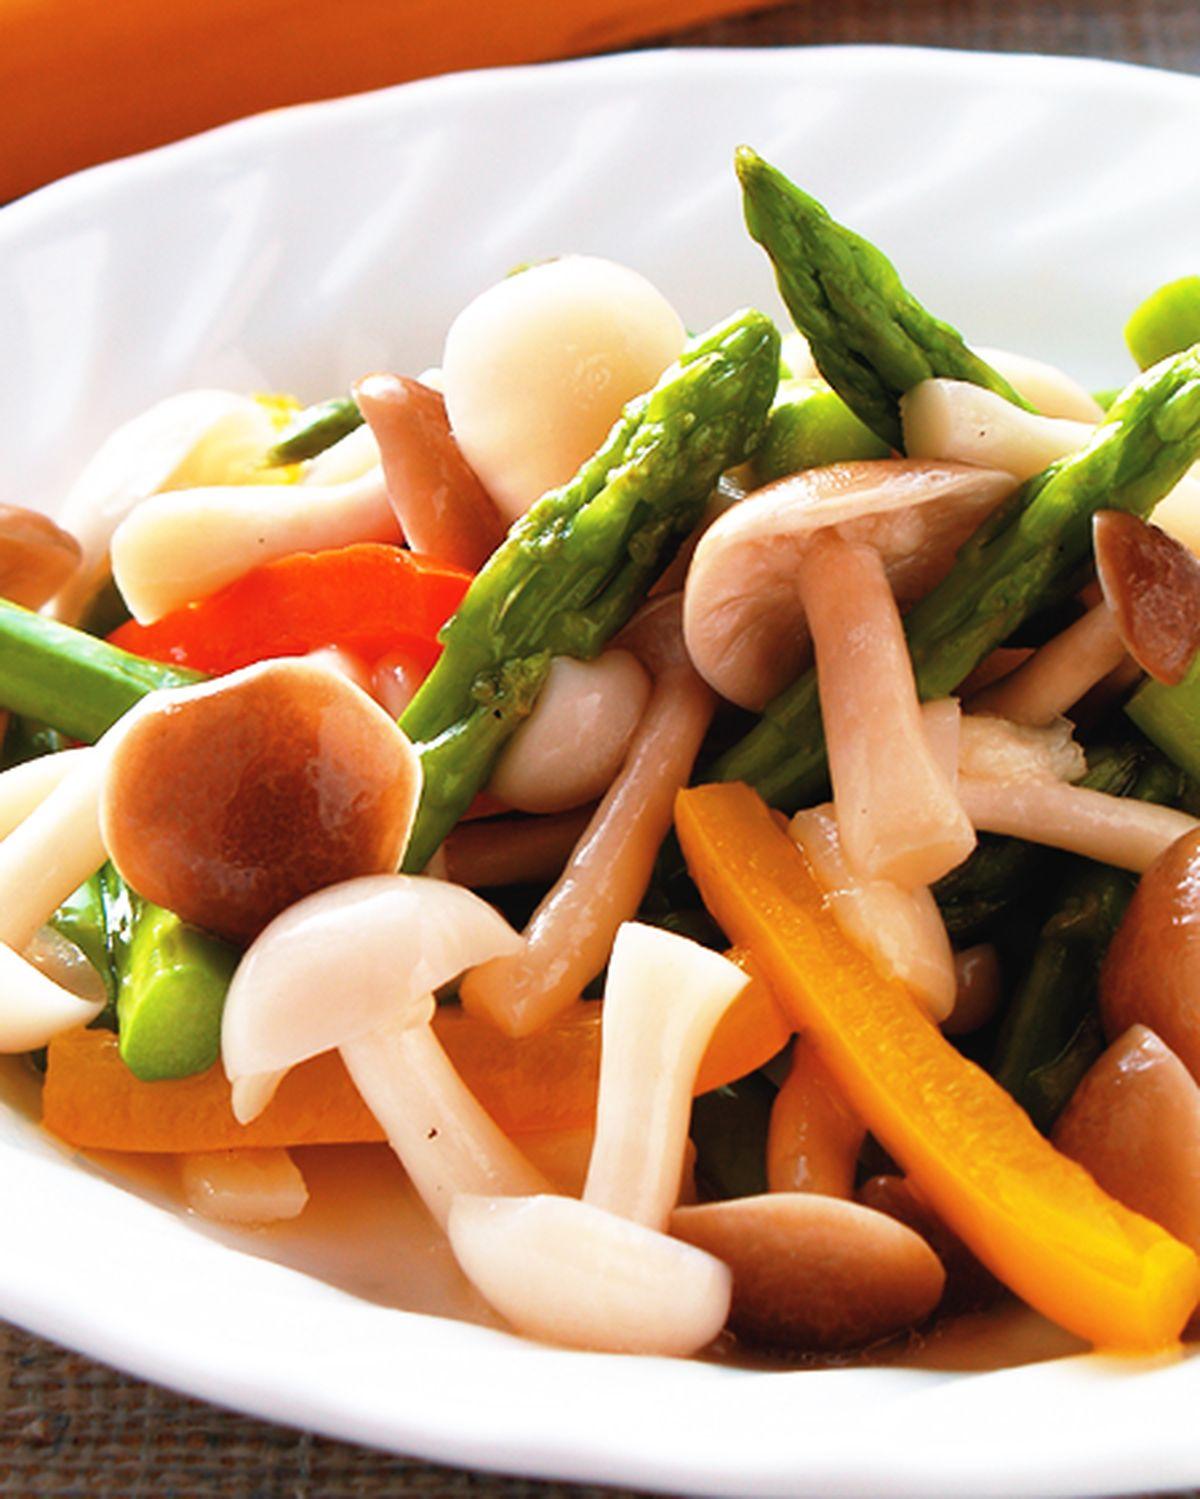 食譜:炒雙菇